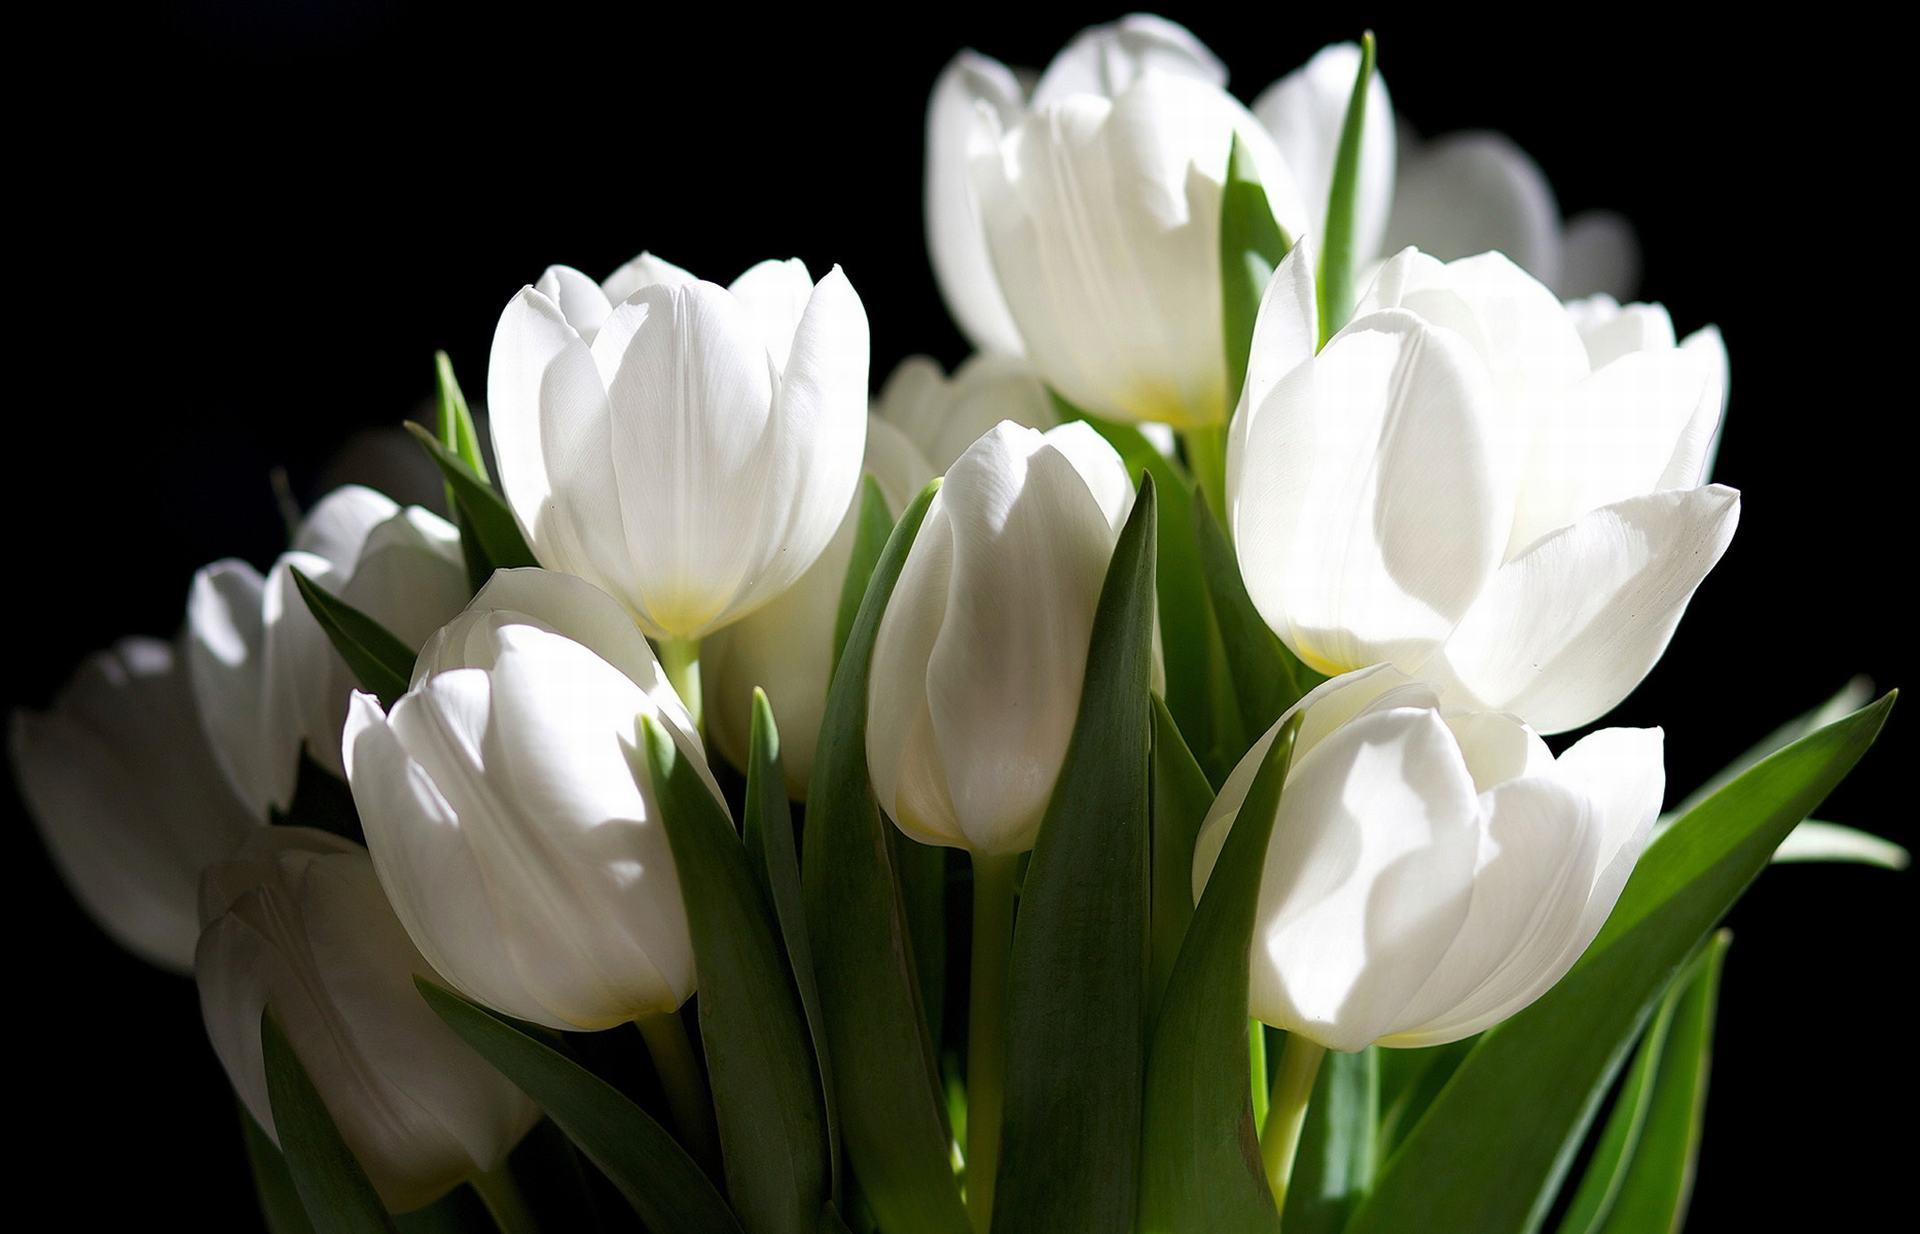 hình nền hoa tulip